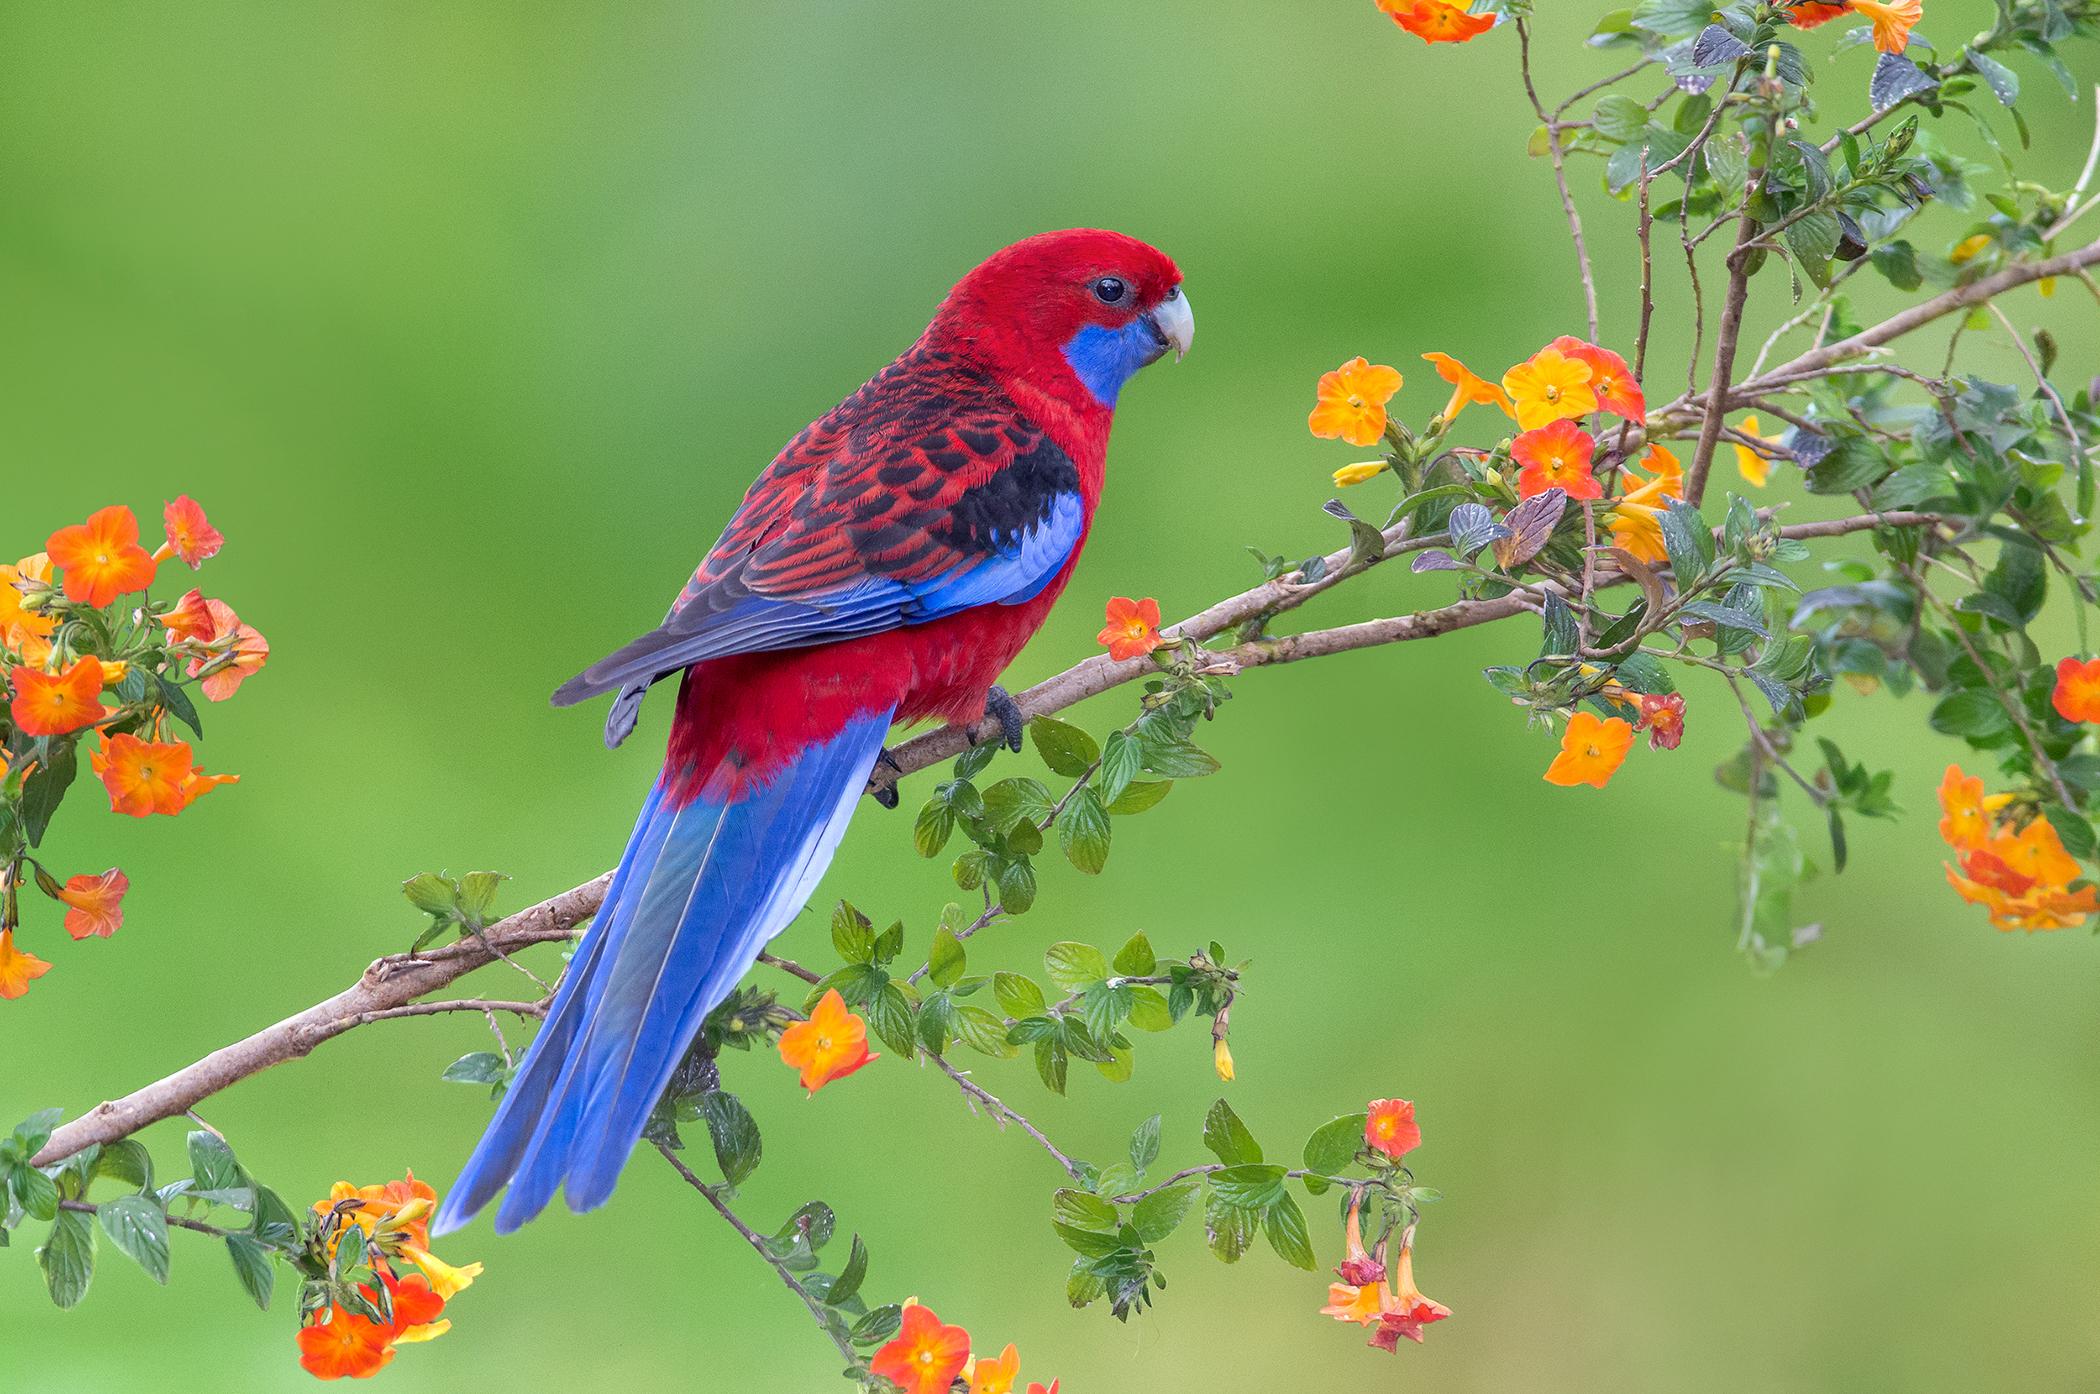 перенесении фото птиц на обои для рабочего стола зря